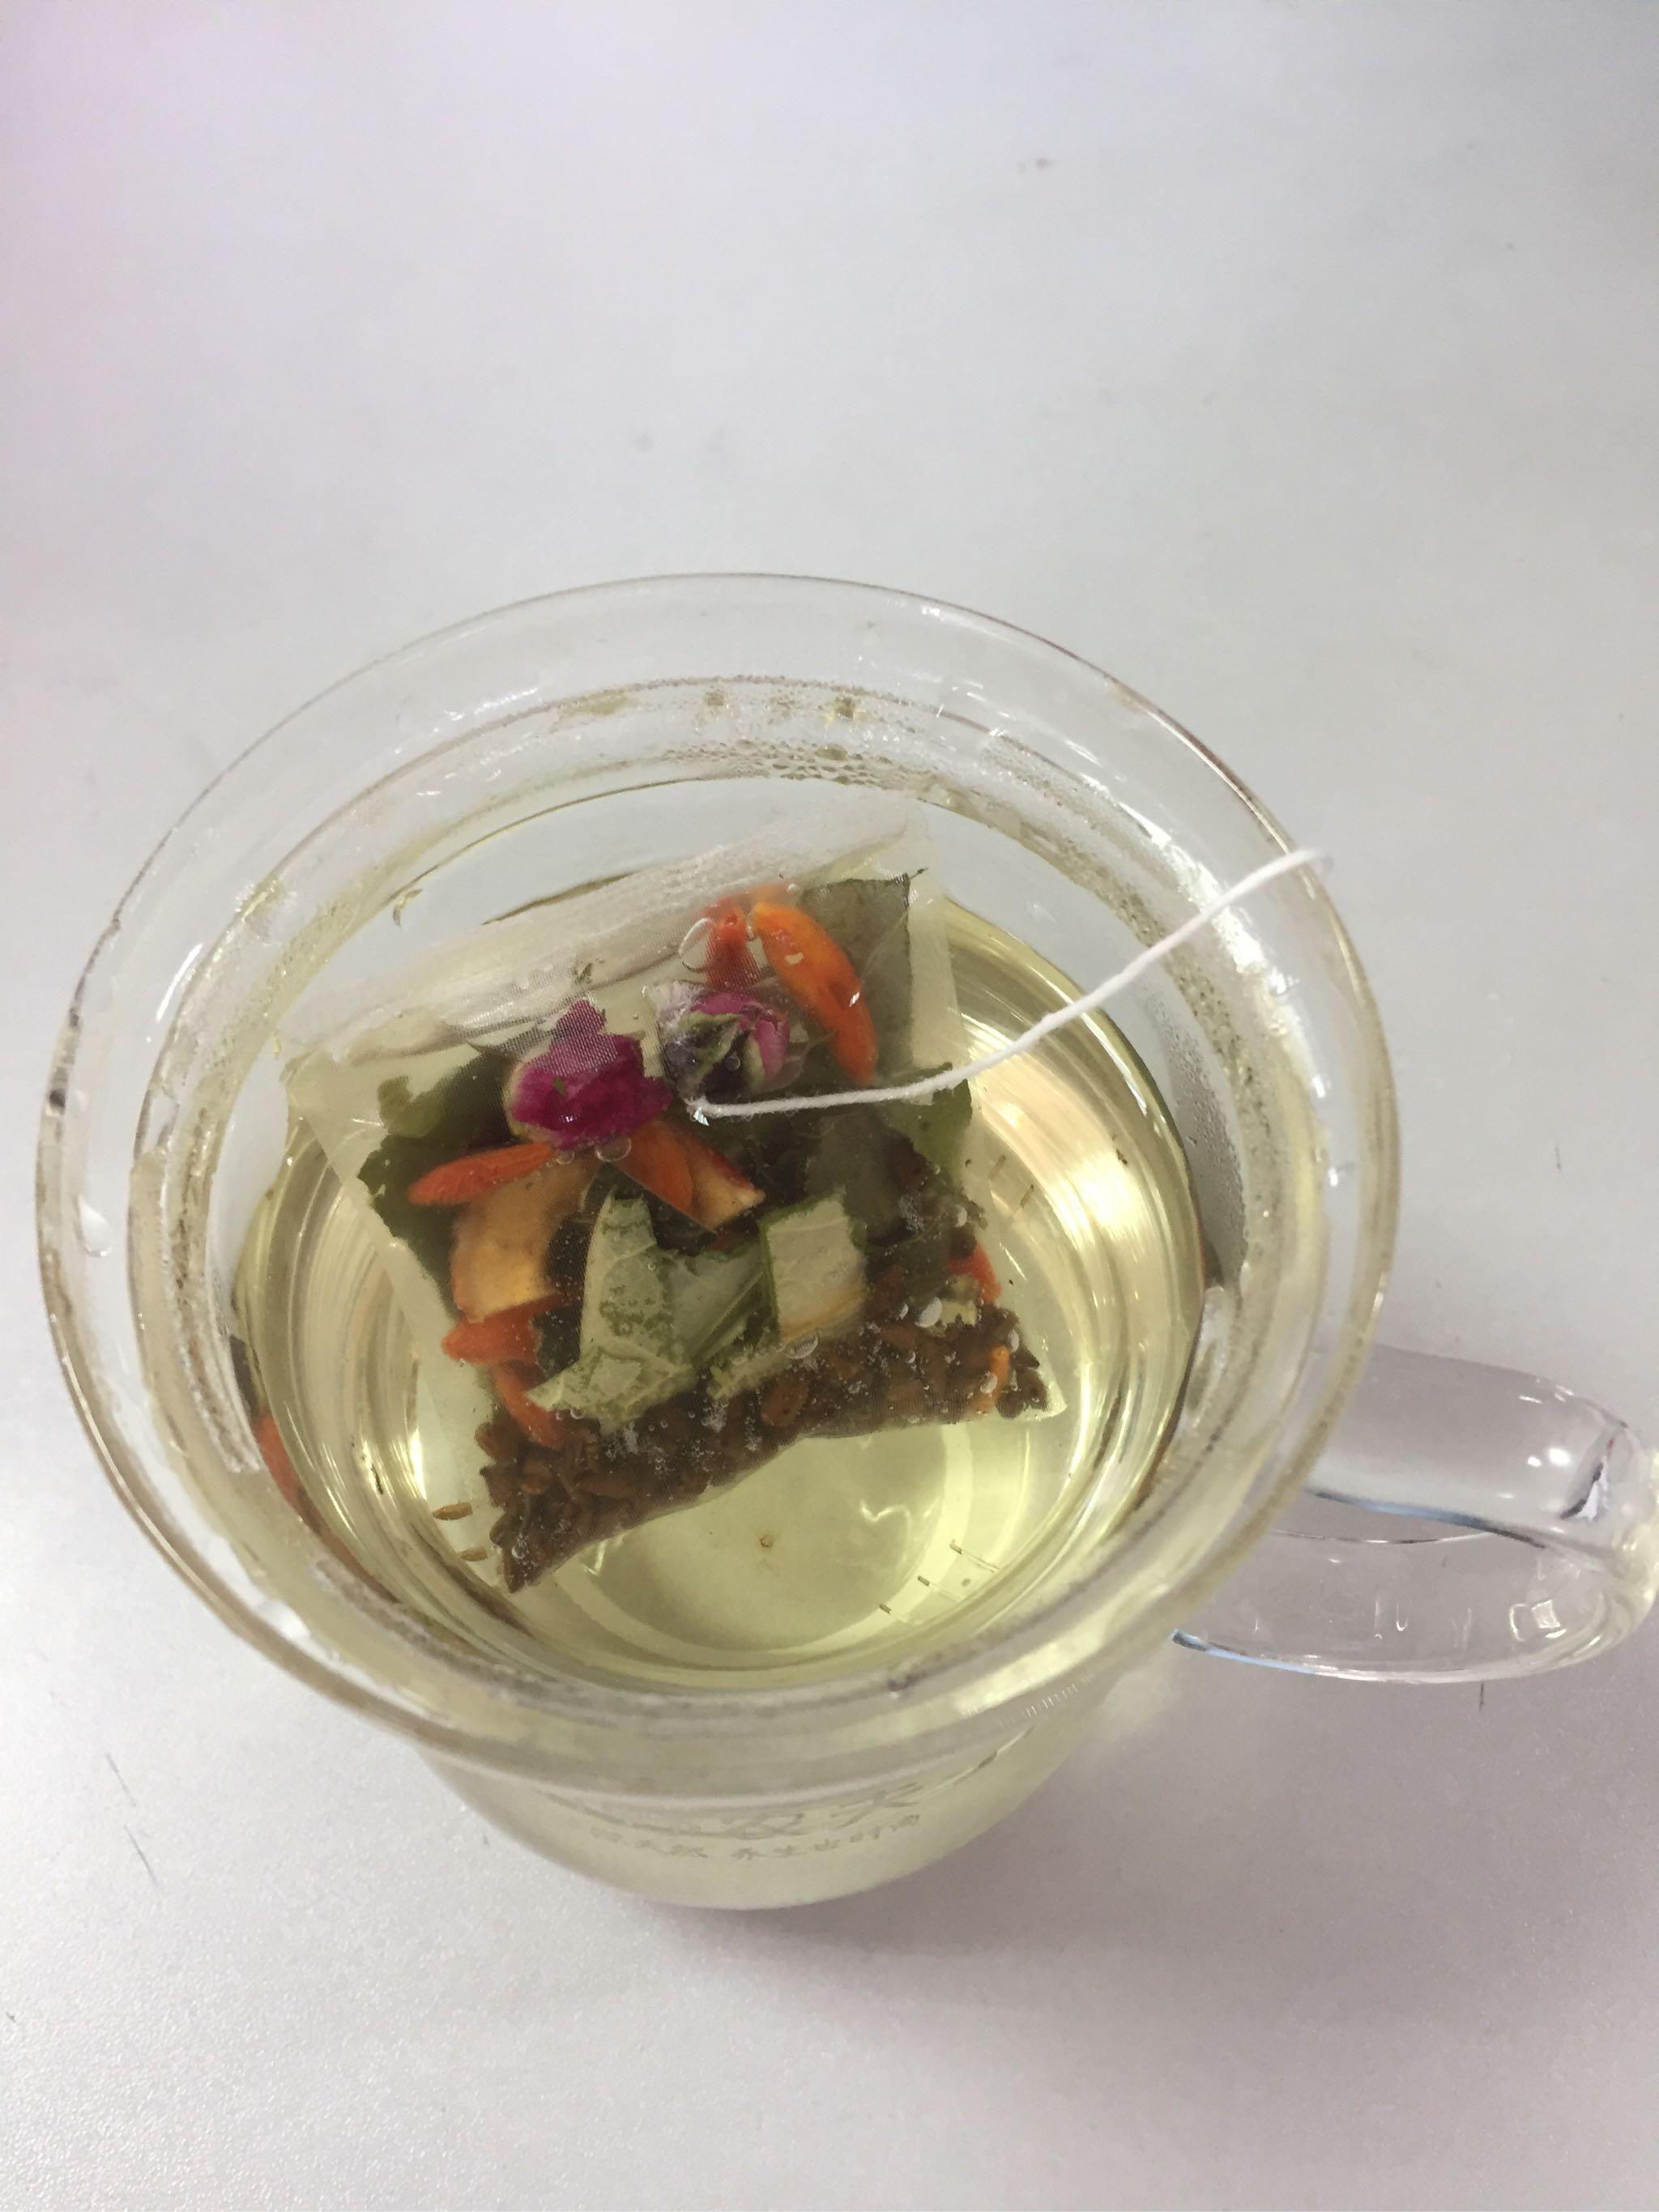 减肥茶是我的日常饮料,这次评下古方冬瓜荷叶茶